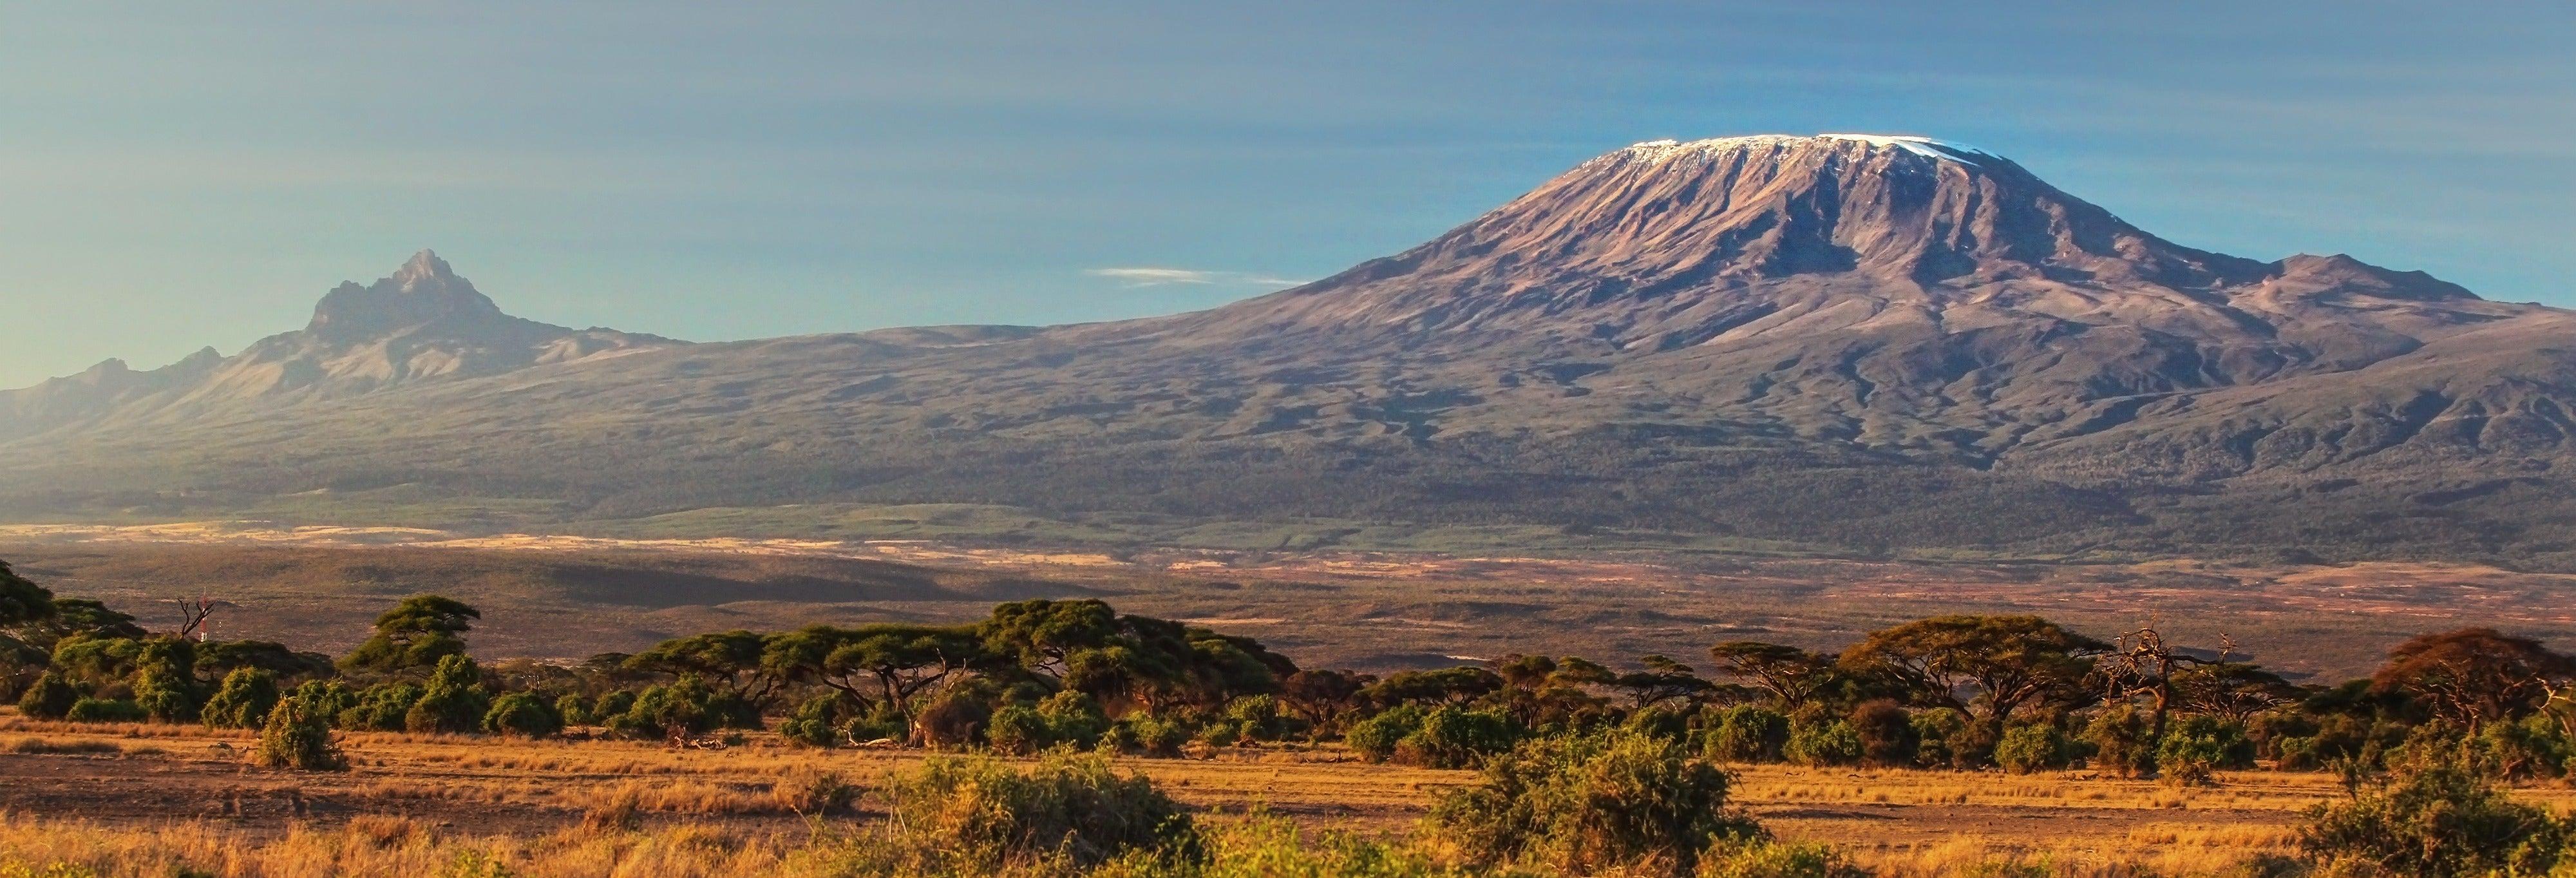 Excursión al Kilimanjaro